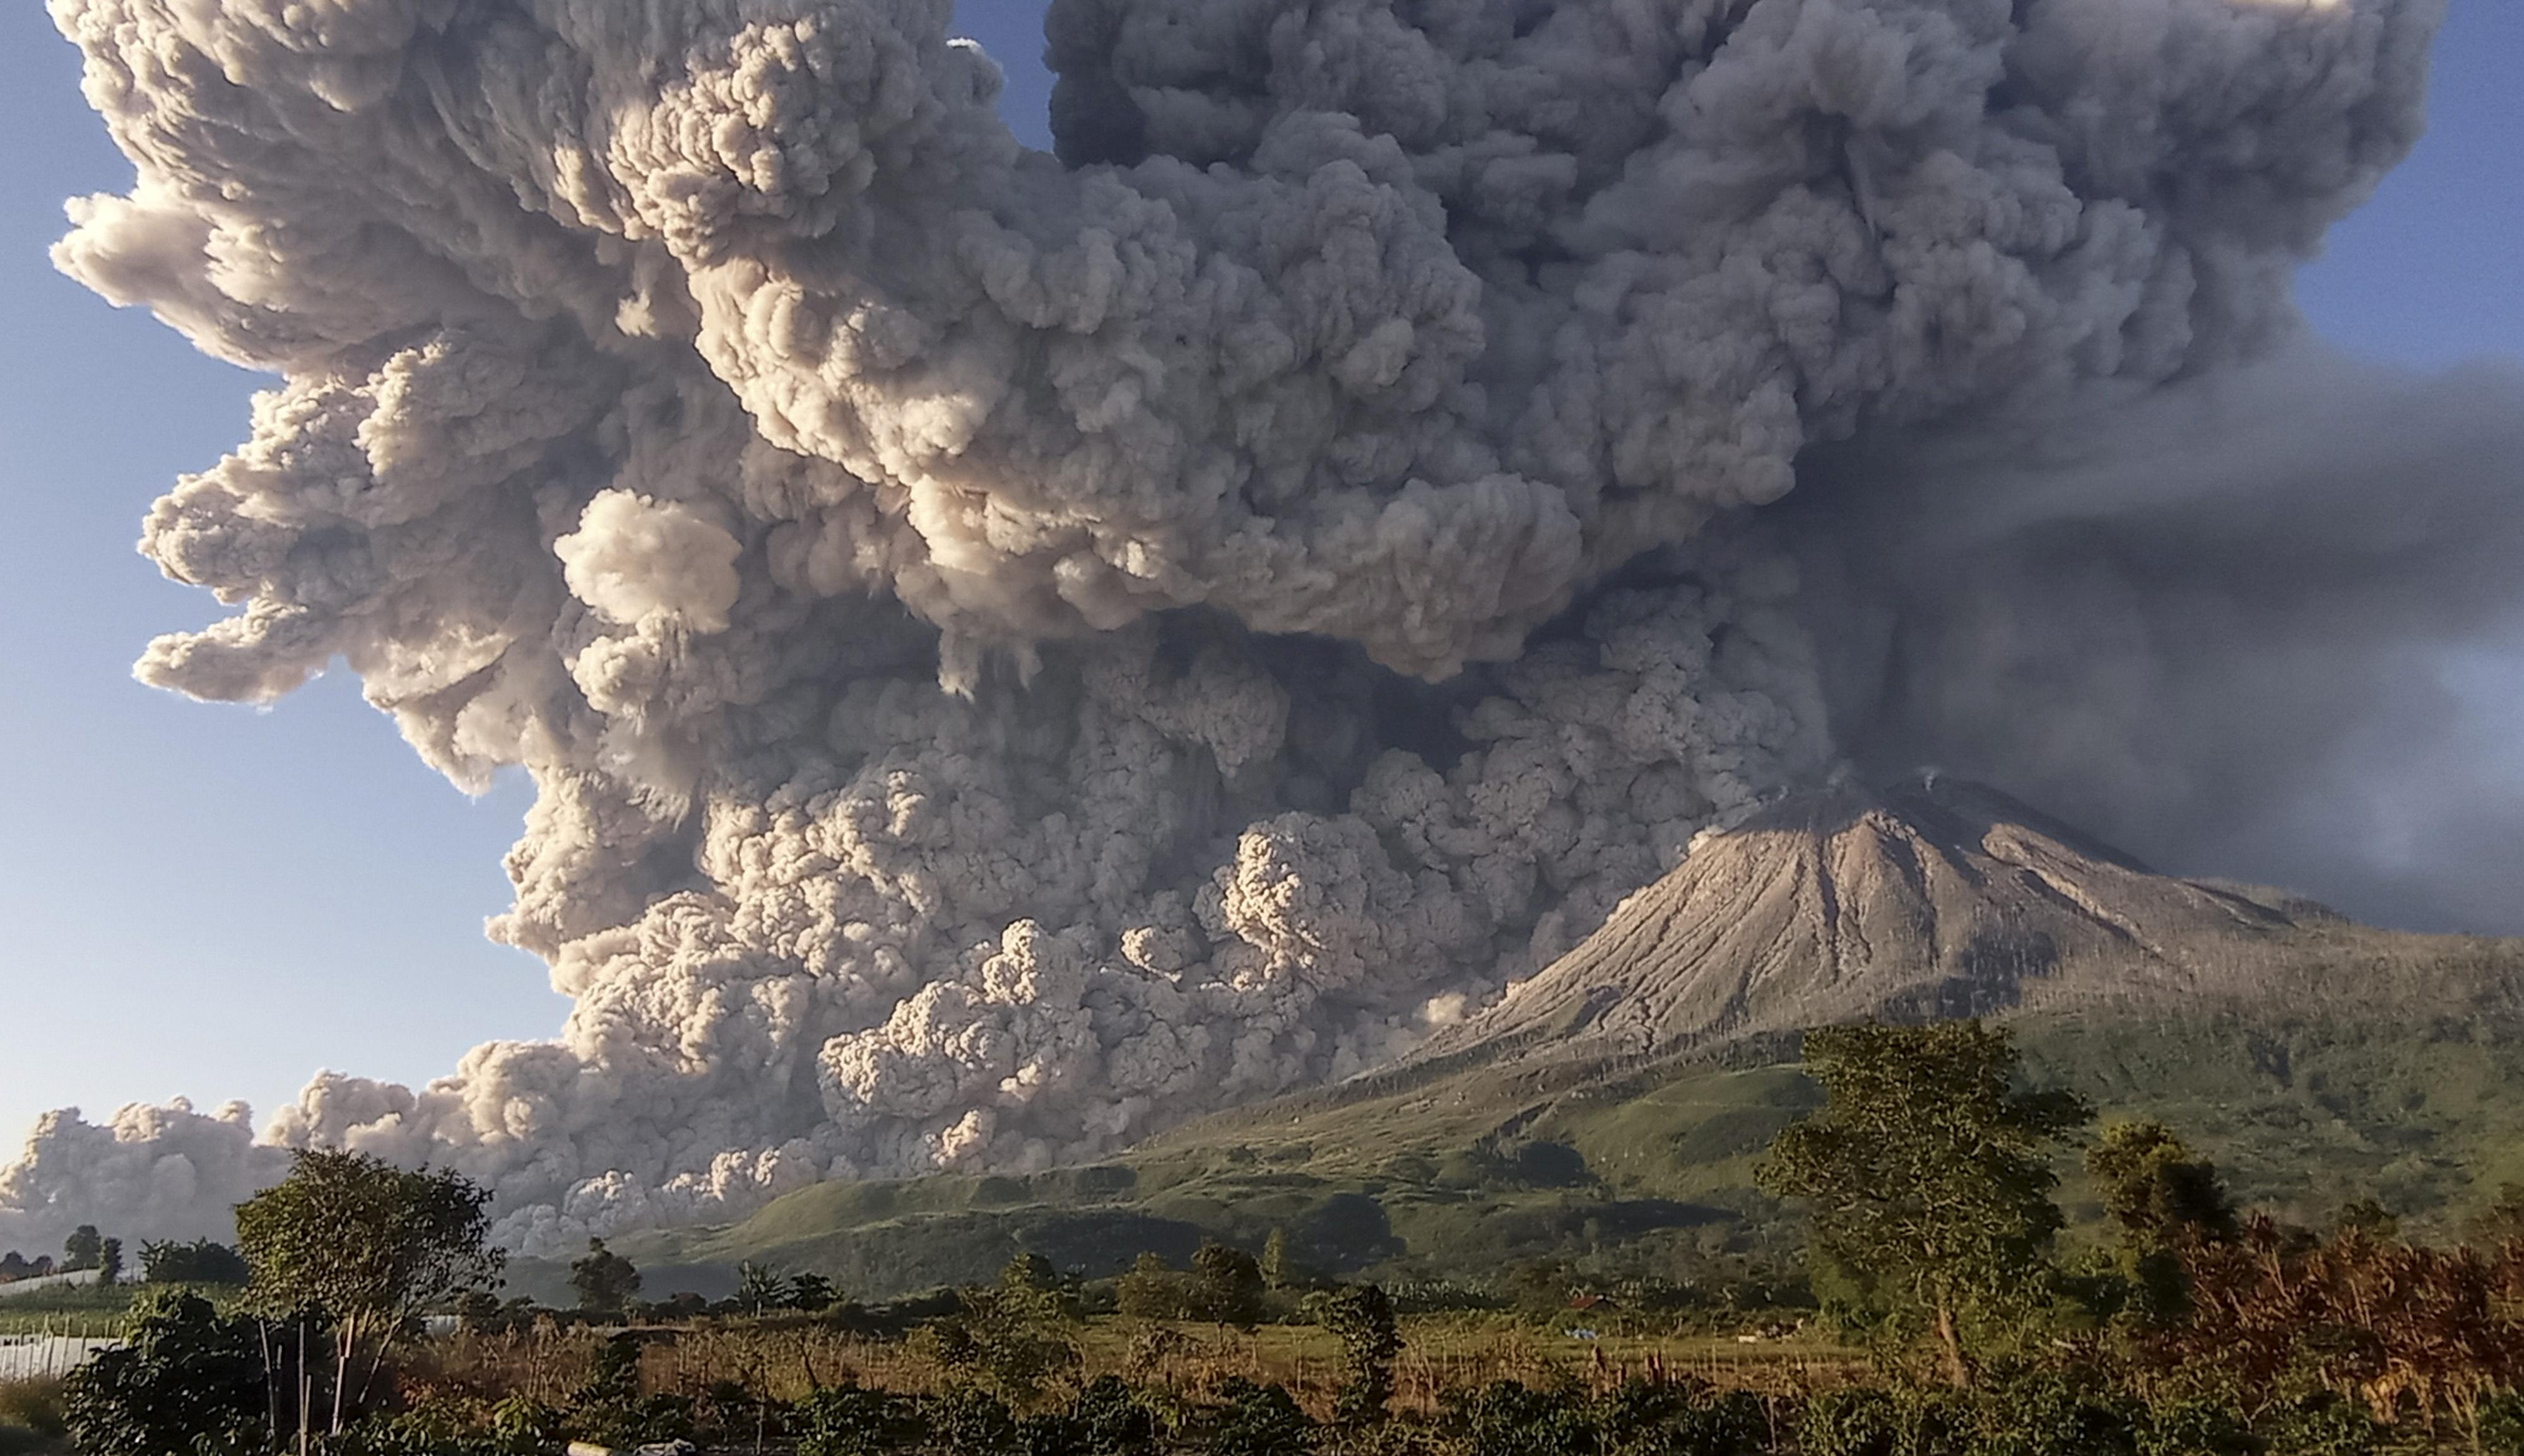 2 марта 2021 года, извержение вулкана Синабунг впровинции Северная Суматра, Индонезия. Облако пыли поднималось навысоту допяти километров. Жителей ближайших деревней эвакуировали, их попросили неприближаться квершине ближе, чем натри километра.